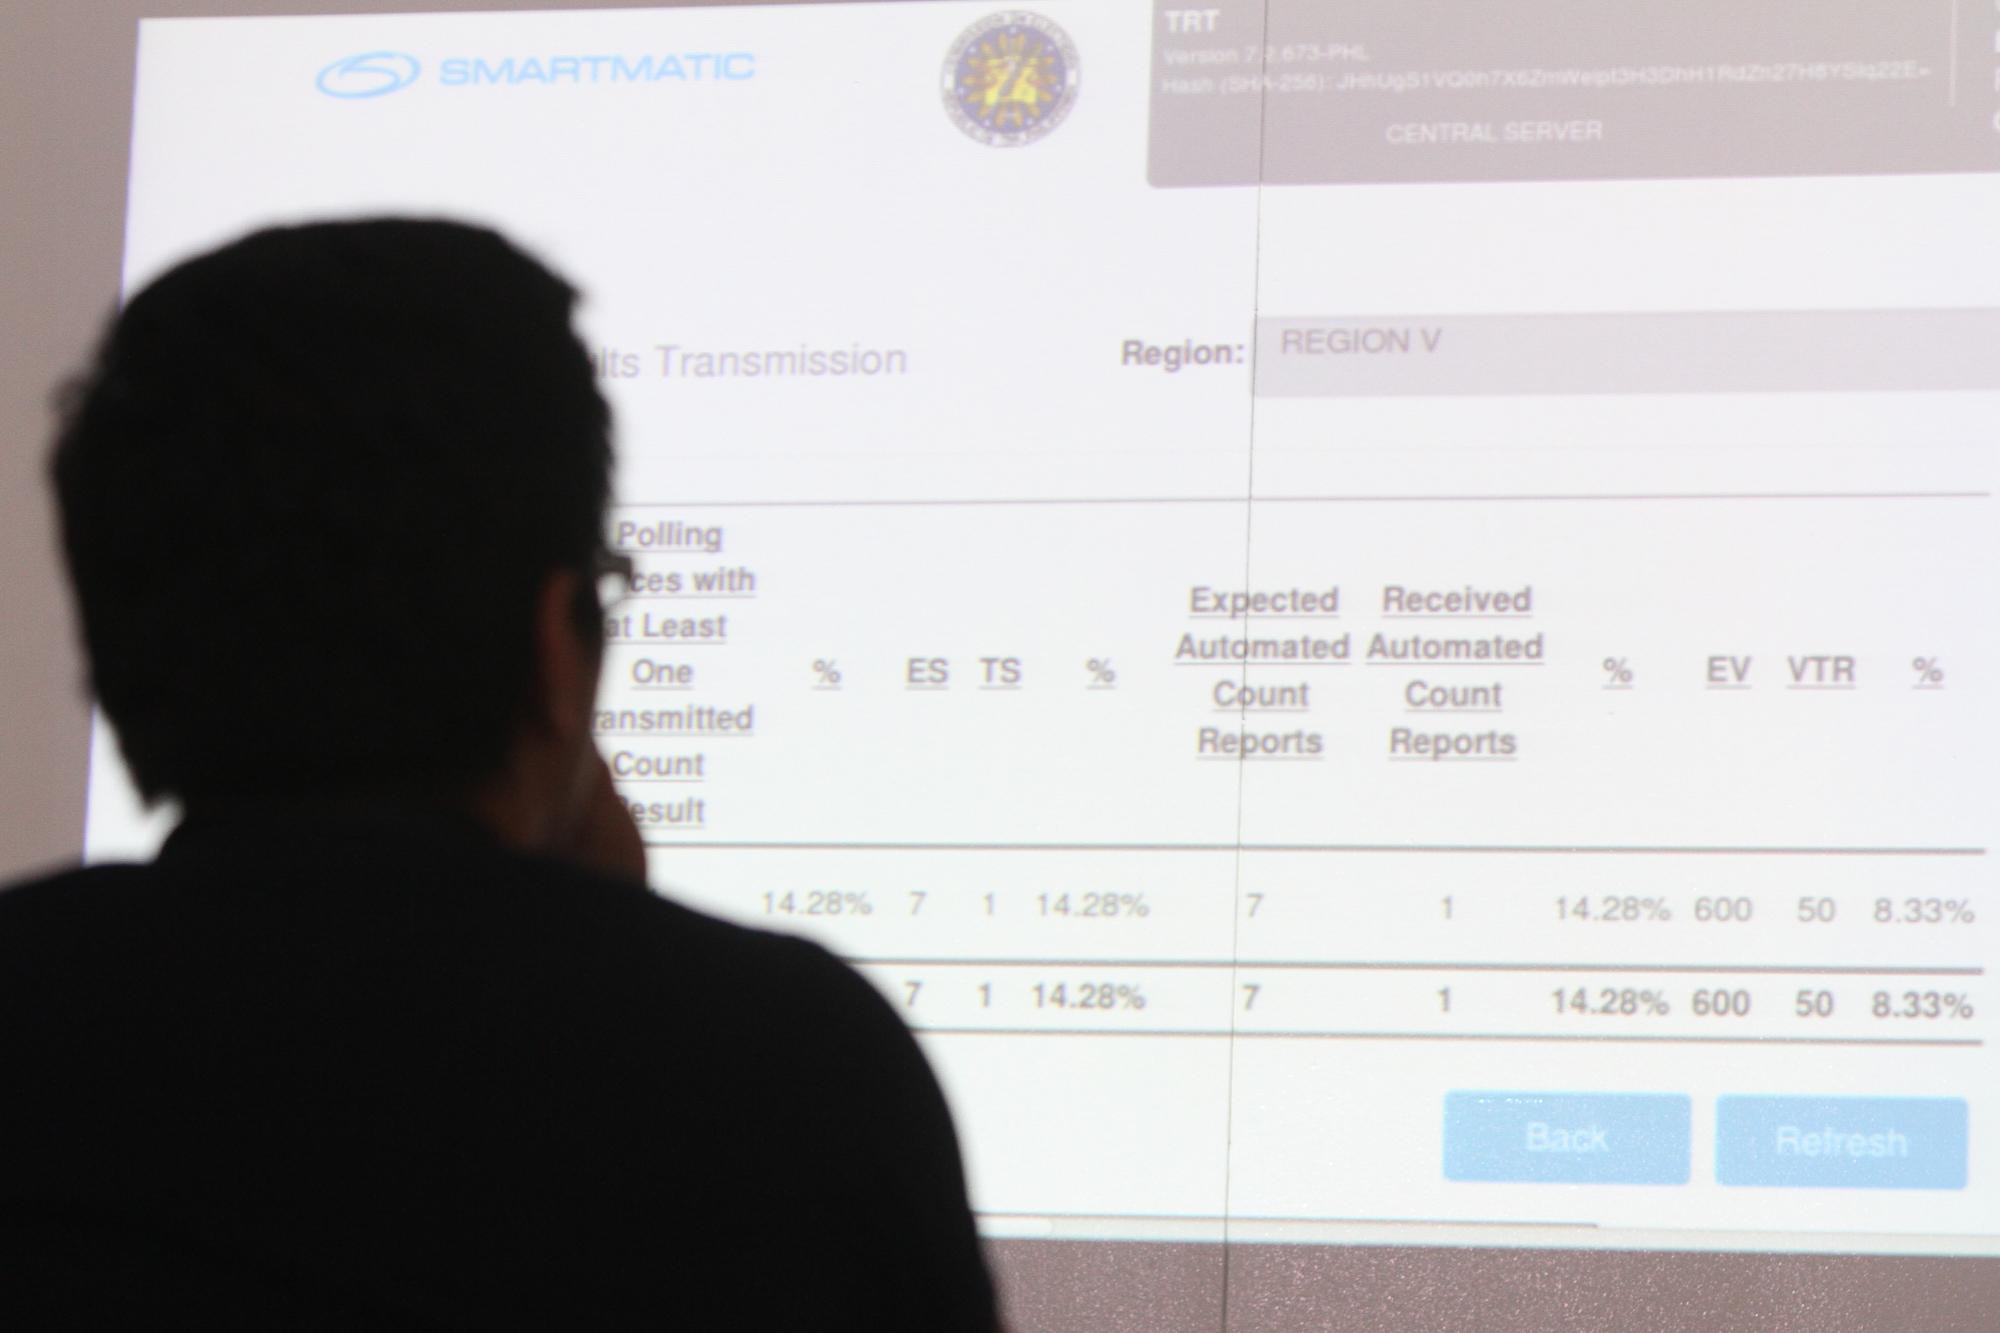 Comelec targets 90% vote transmission for 2016 polls